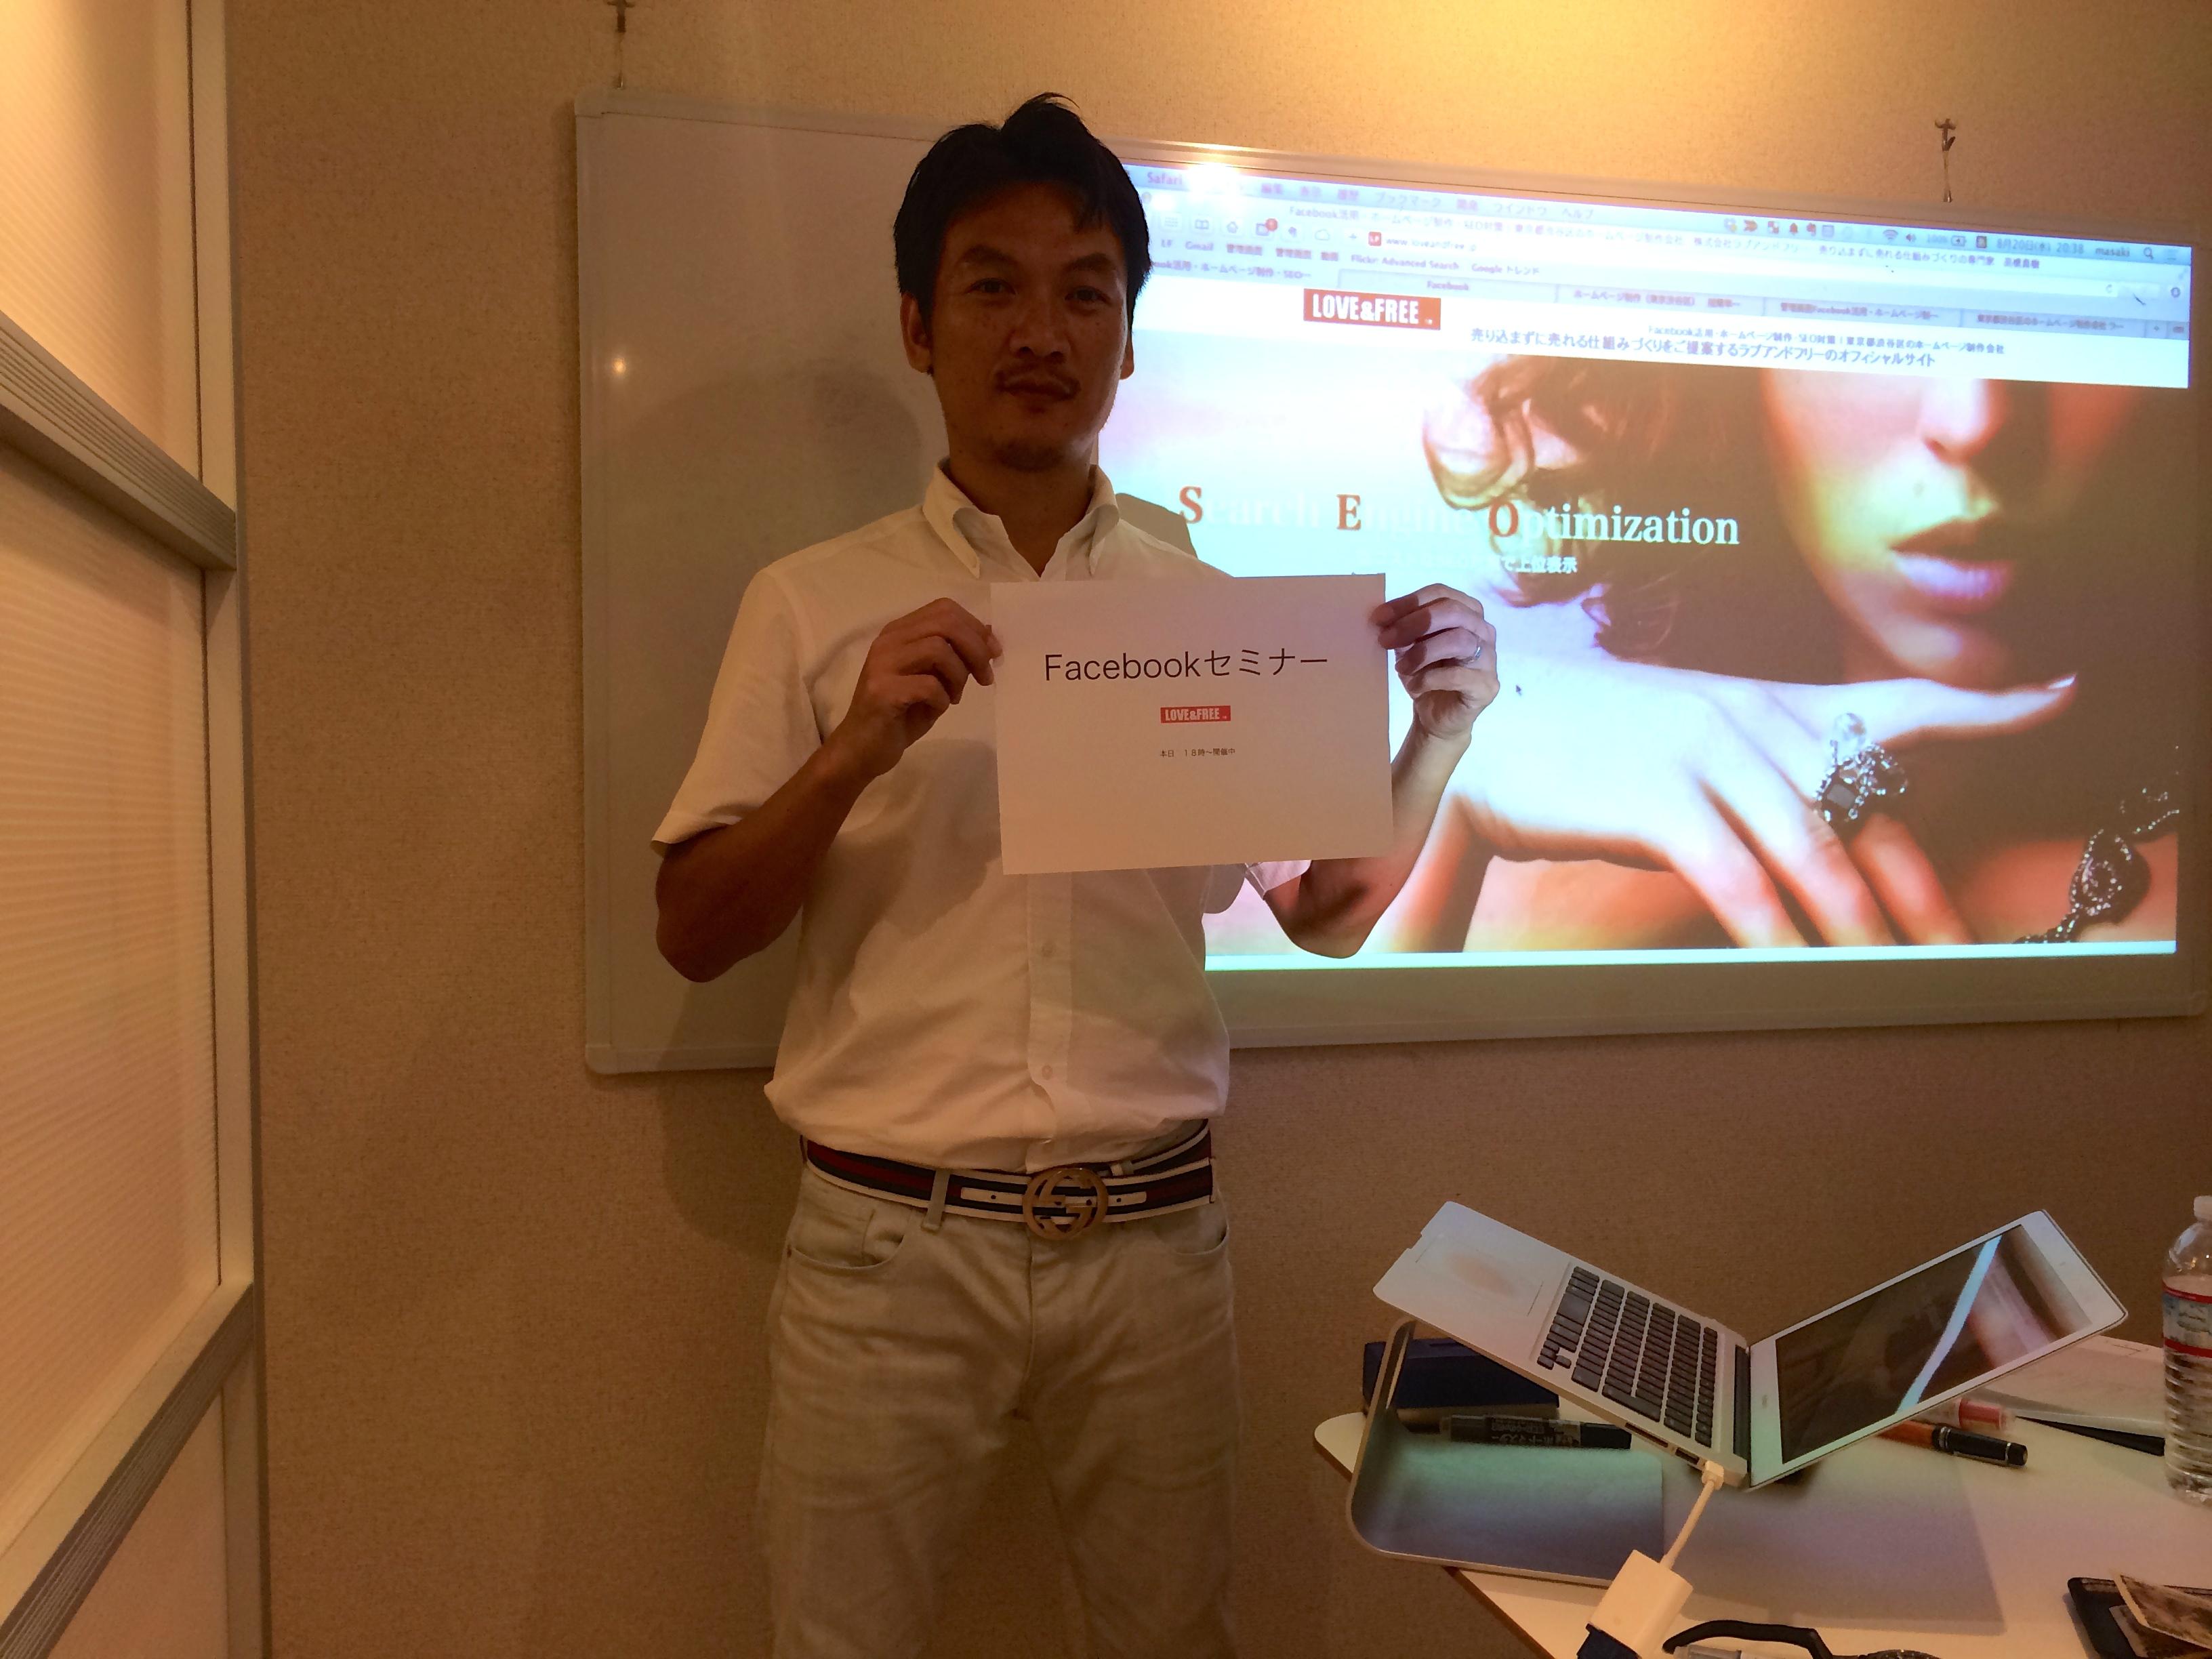 Facebook集客のミニセミナー」を恵比寿の事務所で開催してました